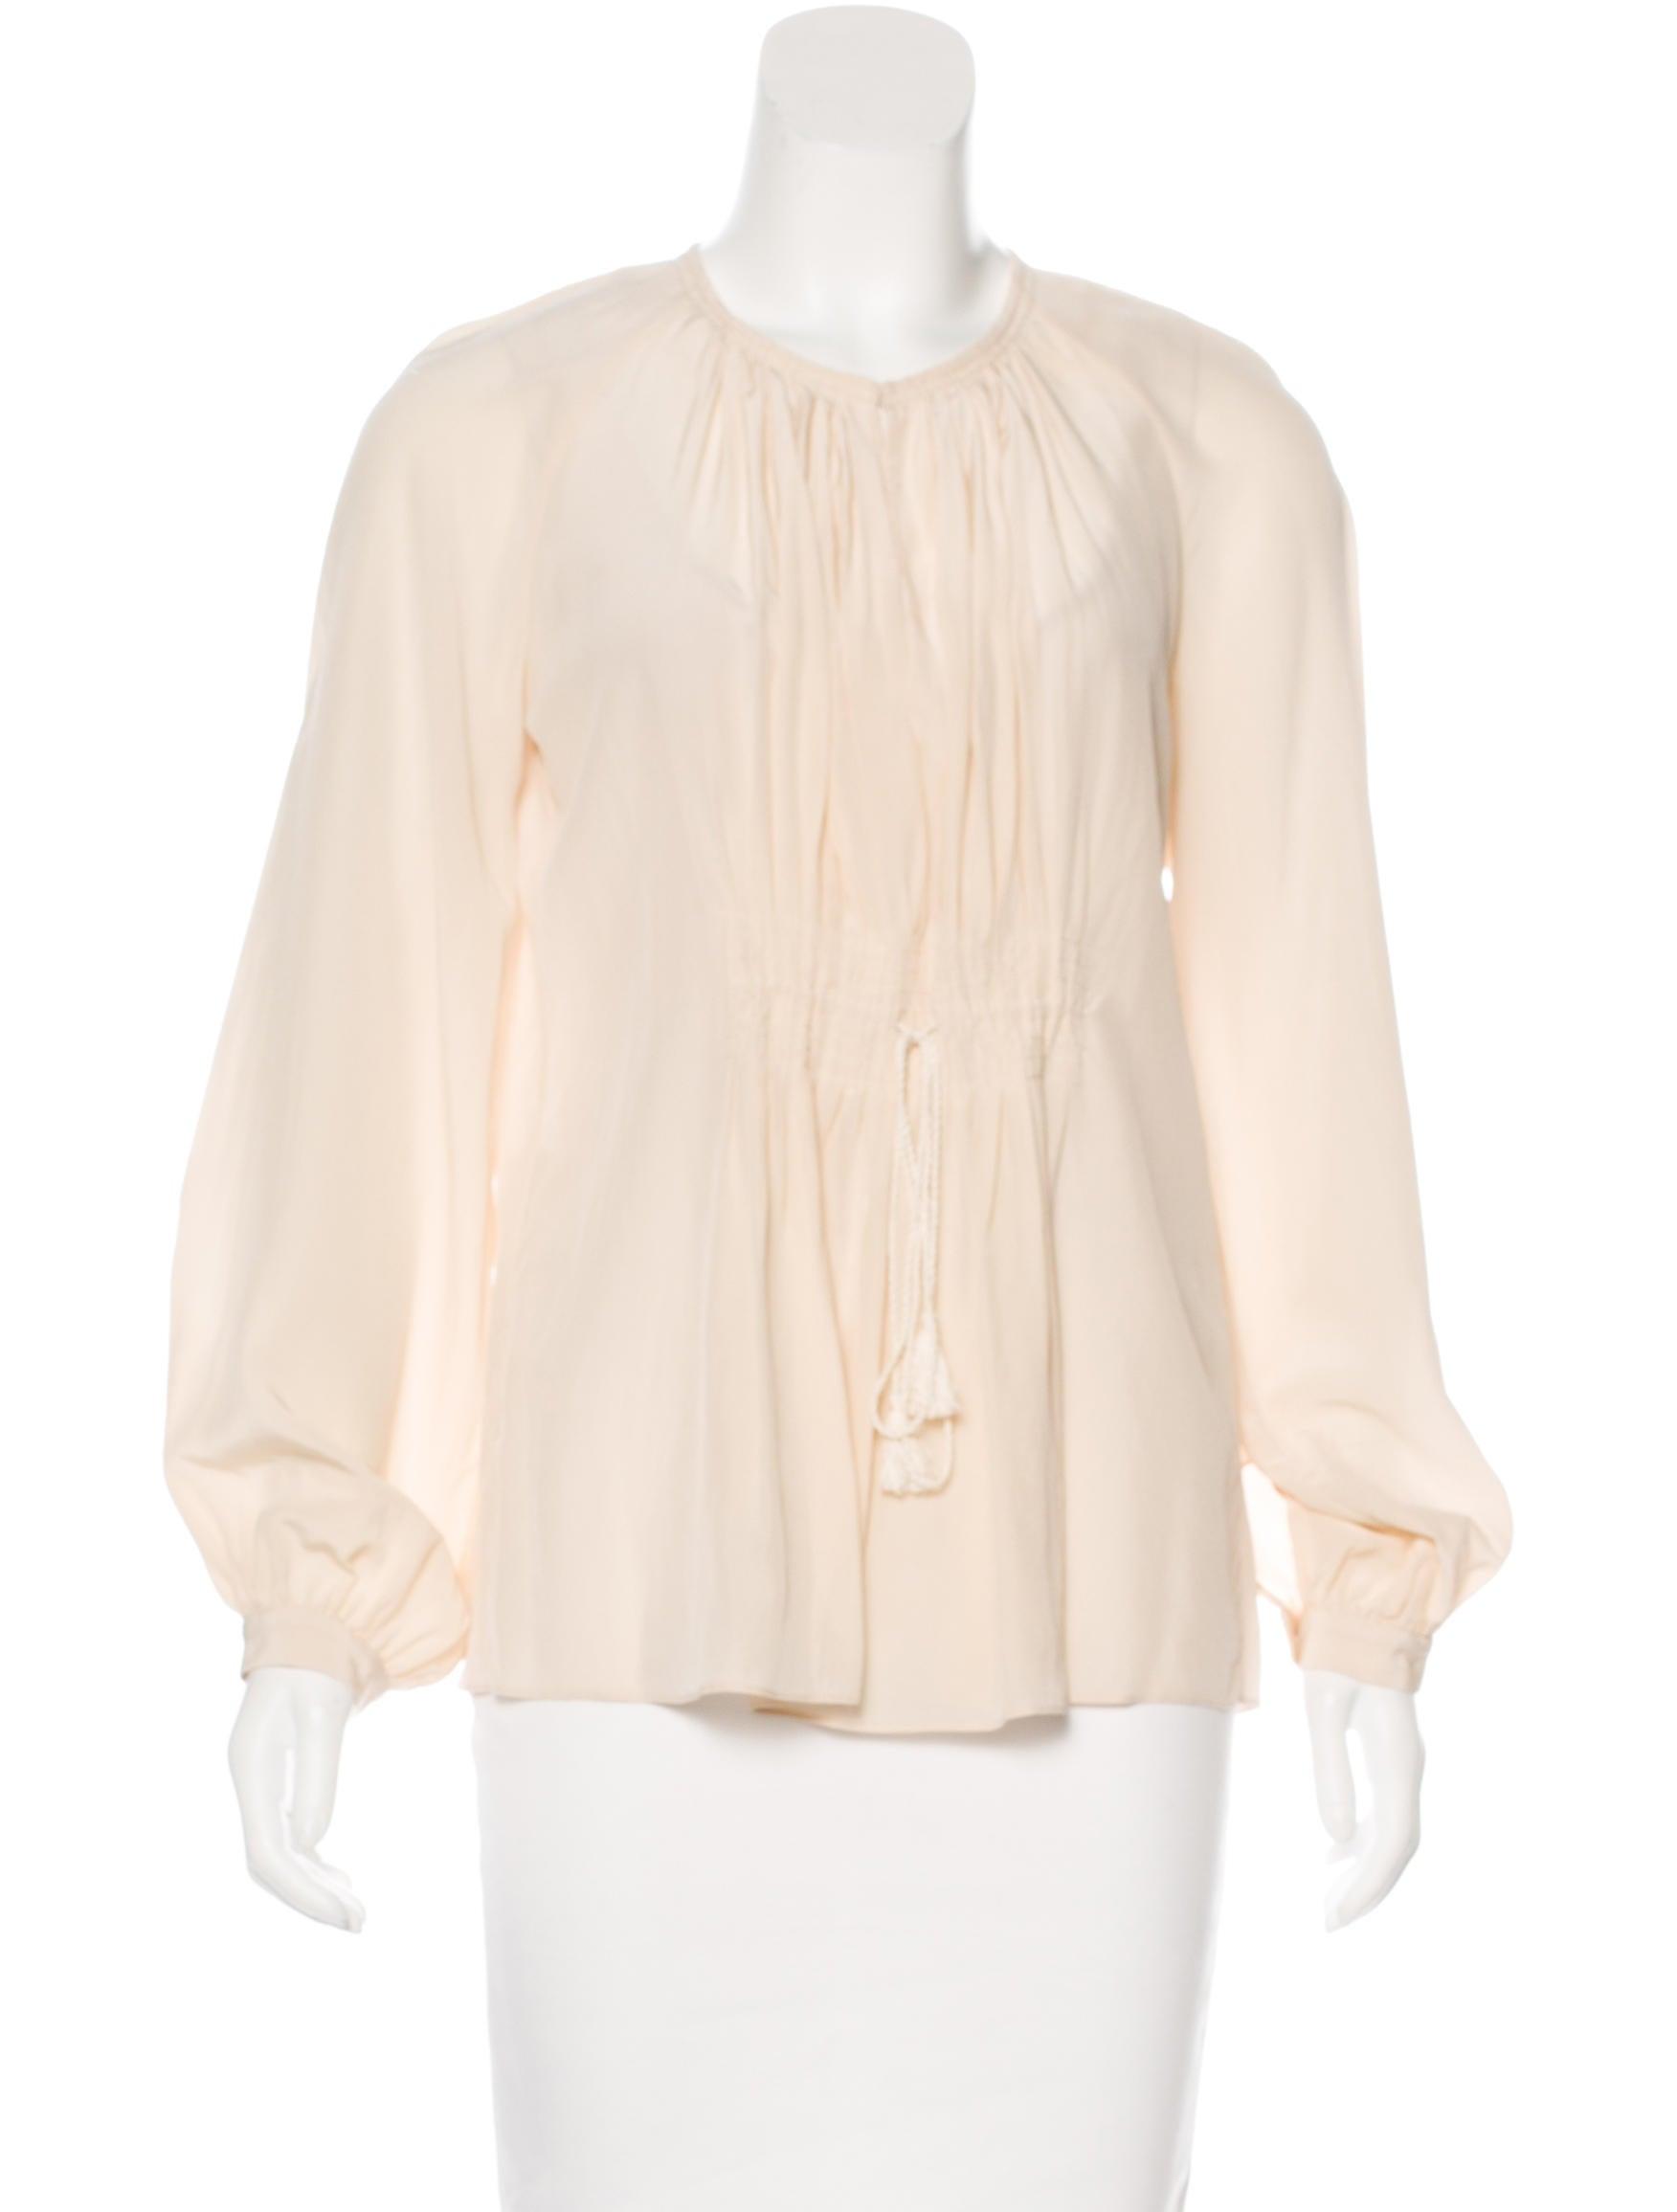 Diane von furstenberg gathered silk blouse clothing for Diane von furstenberg shirt